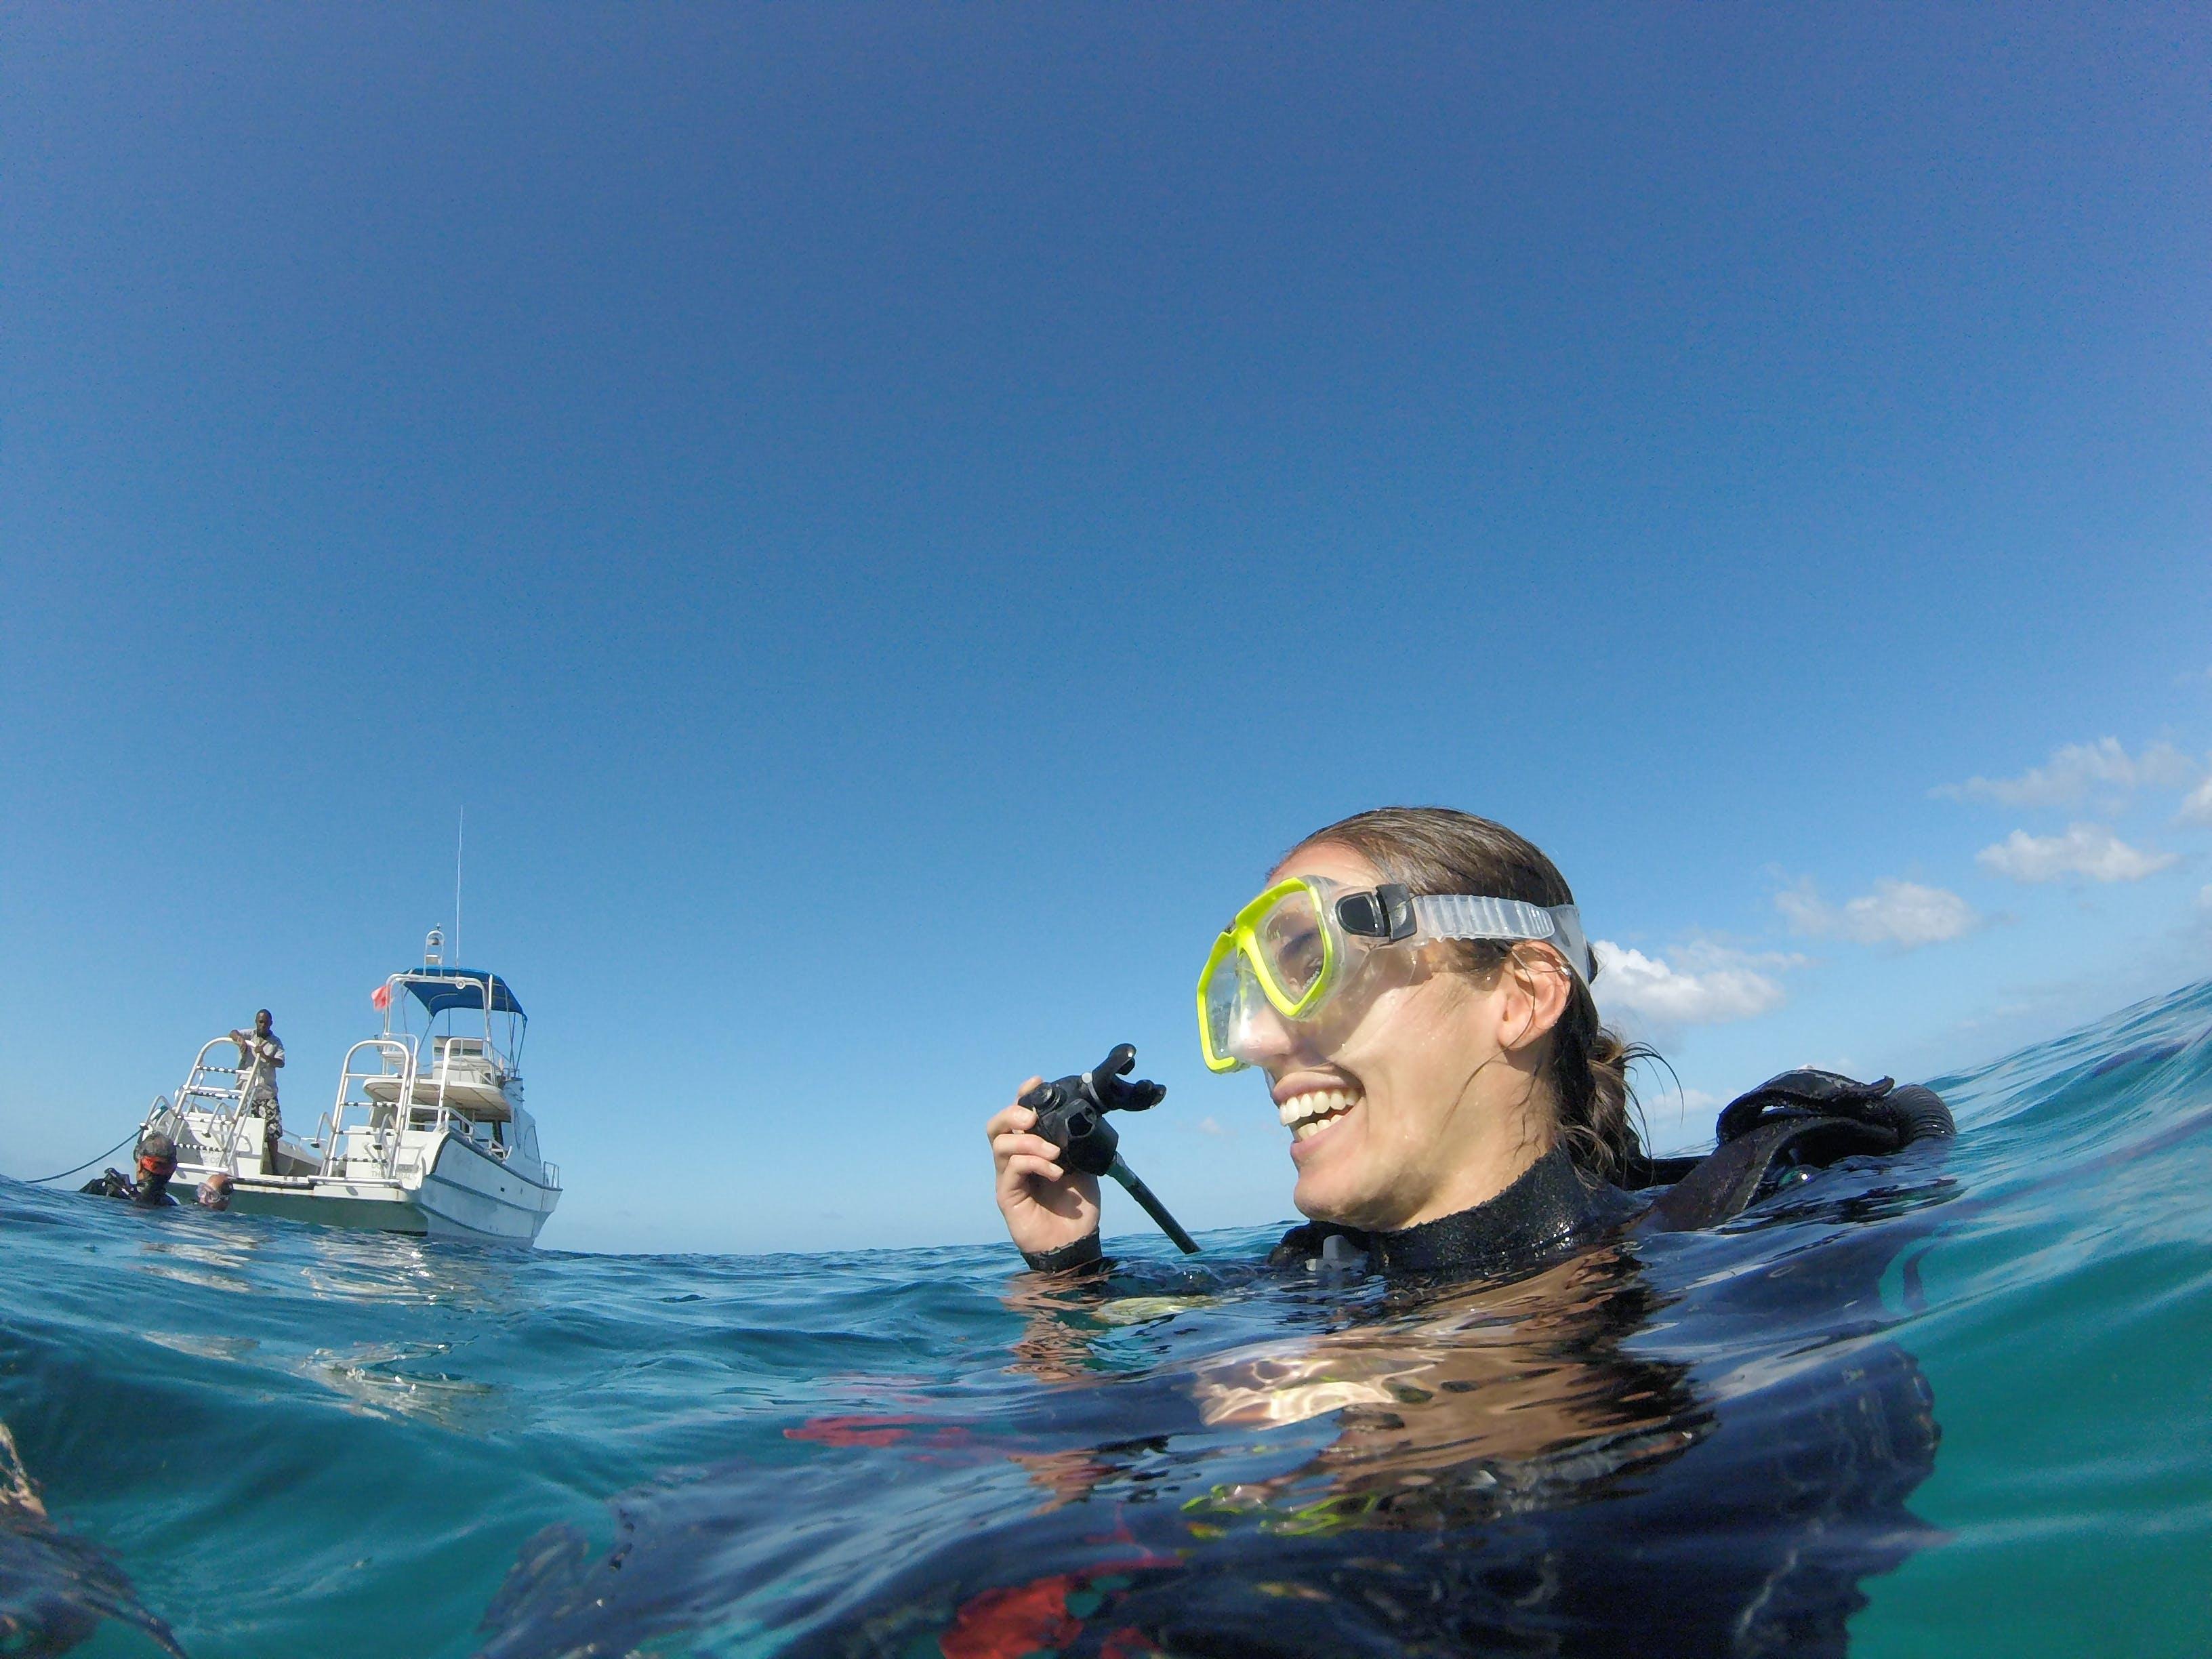 Kelsey Scuba Diving in Caye Caulker, Belize